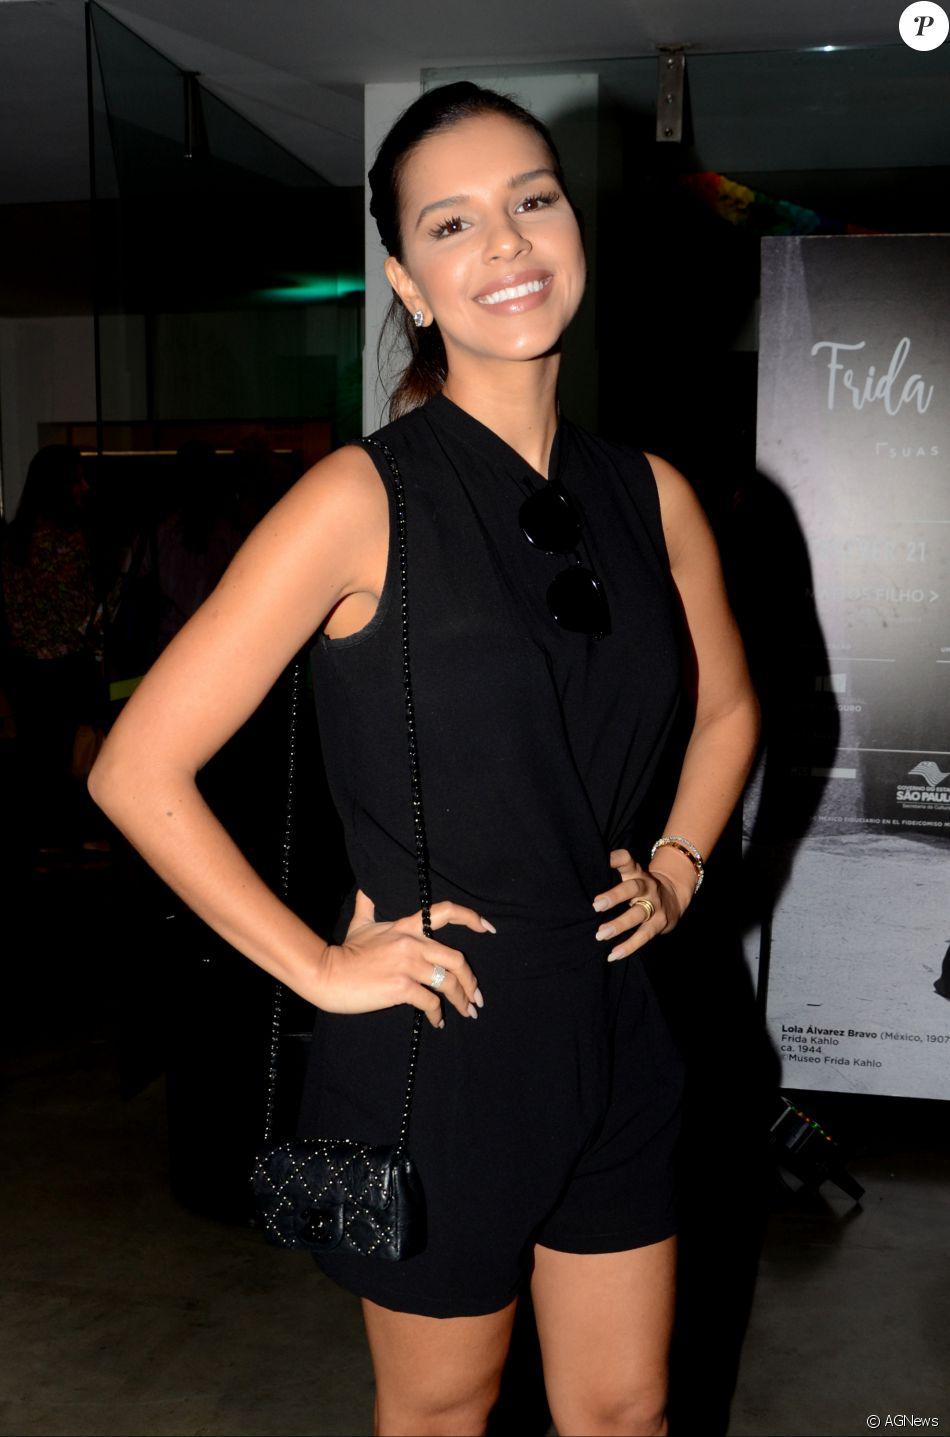 Mariana Rios contou que não segue tendências e elegeu look favorito em closet: ' Pretinho básico'